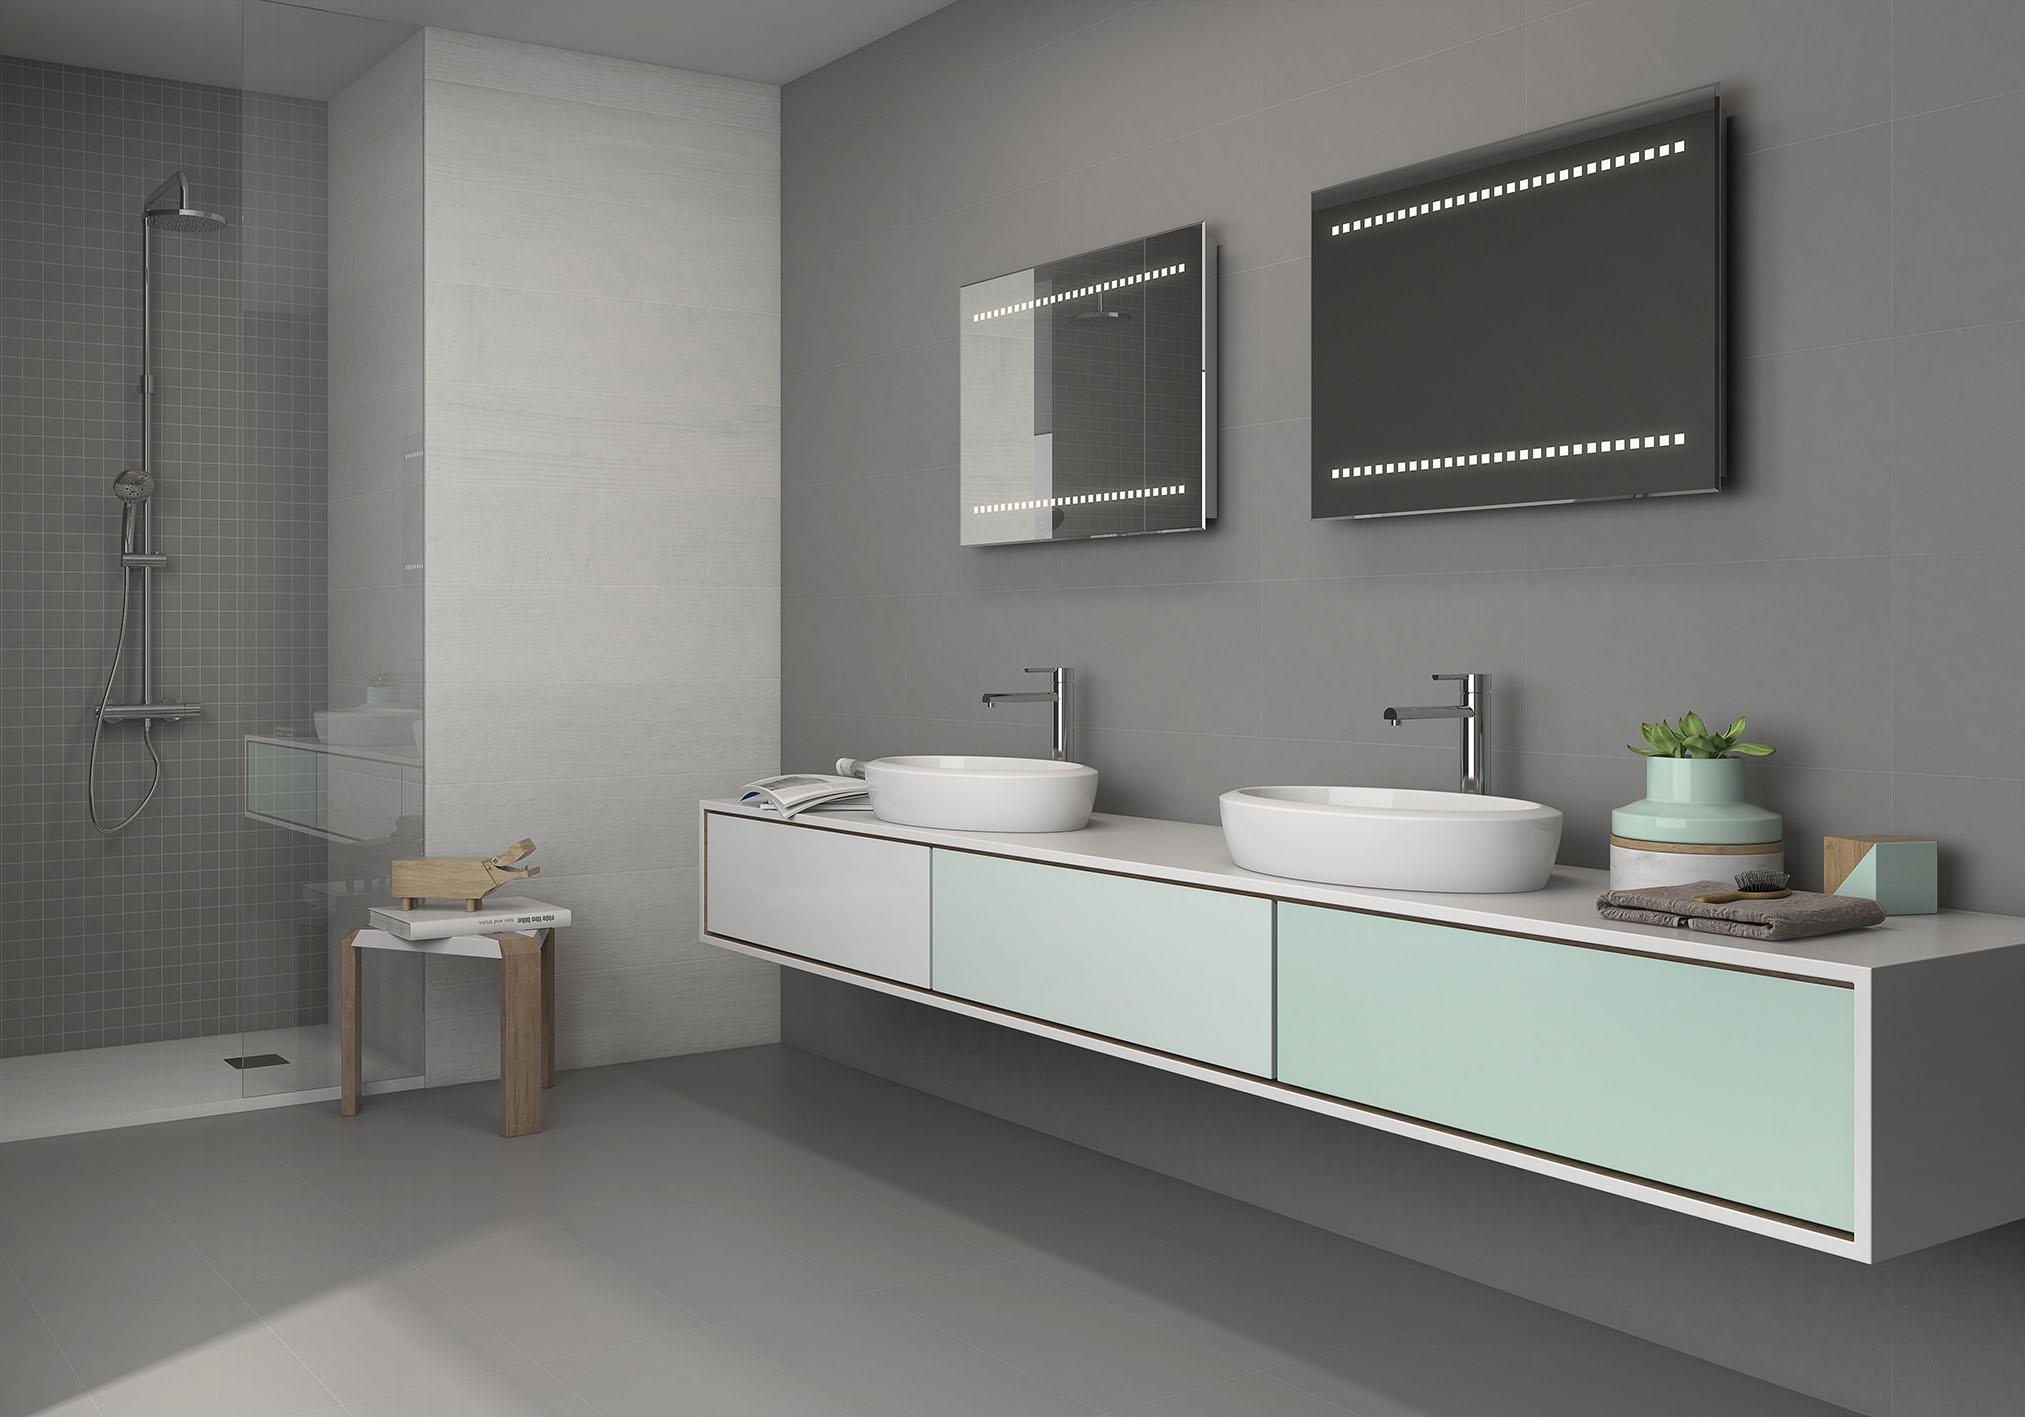 Un ba o con dos lavabos la tendencia m s funcional gala blog - Banos con dos lavabos ...